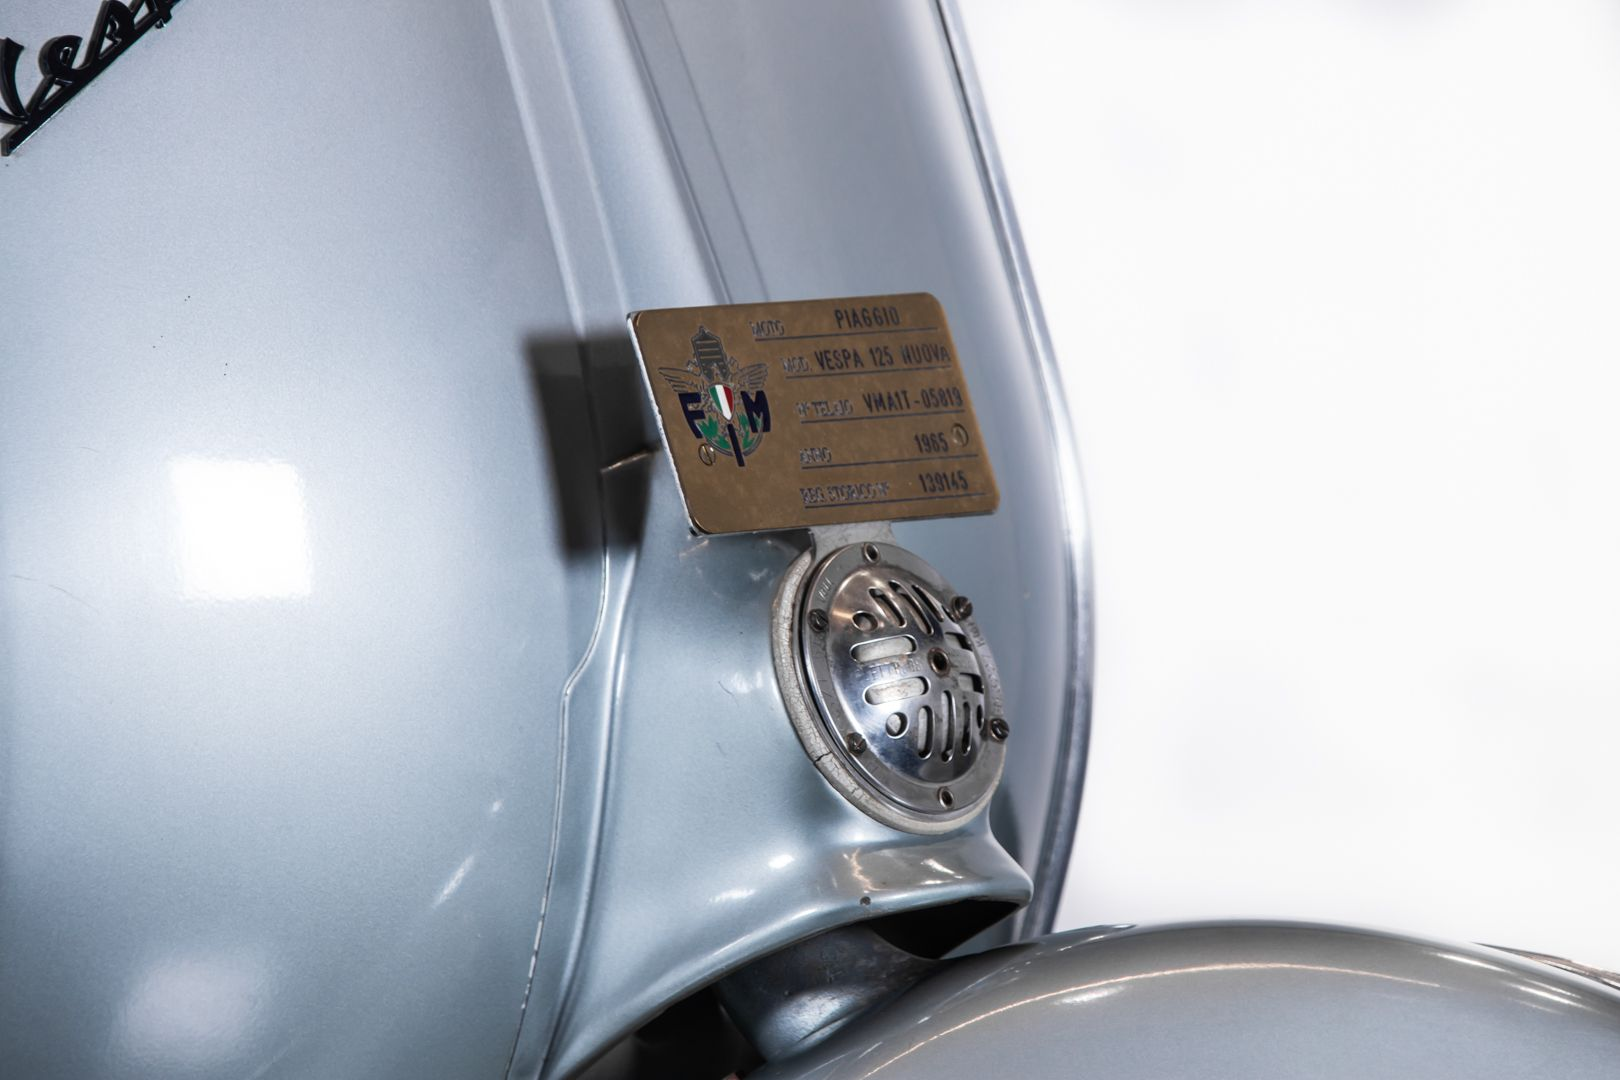 1965 Piaggio Vespa 125 VMA 78332